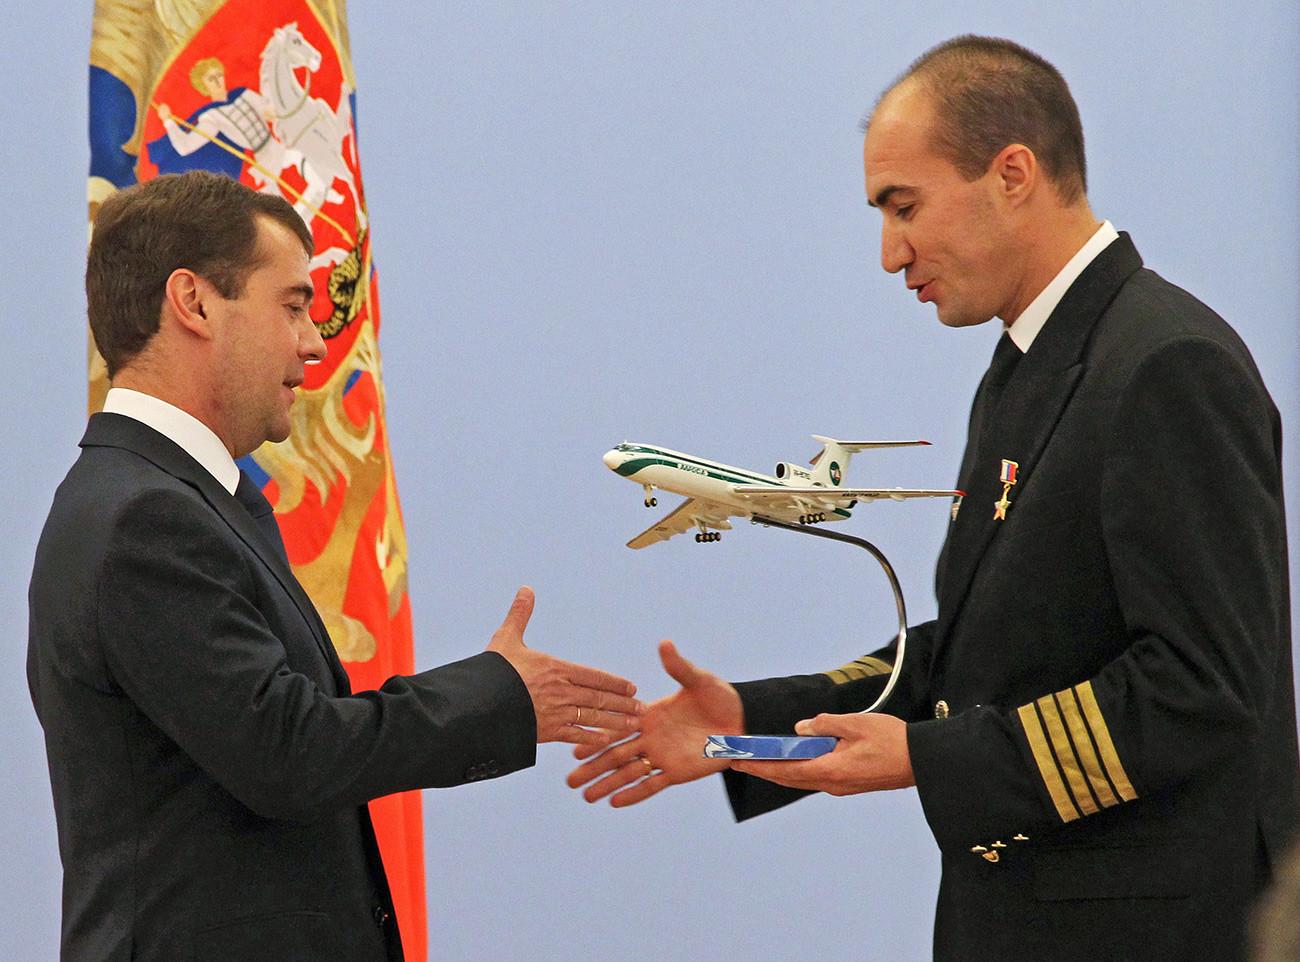 O então presidente russo Dmítri Medvédev parabeniza o capitçao do Tu-154, Evguêni Novoselov, que recebeu o título de Herói da Rússia.